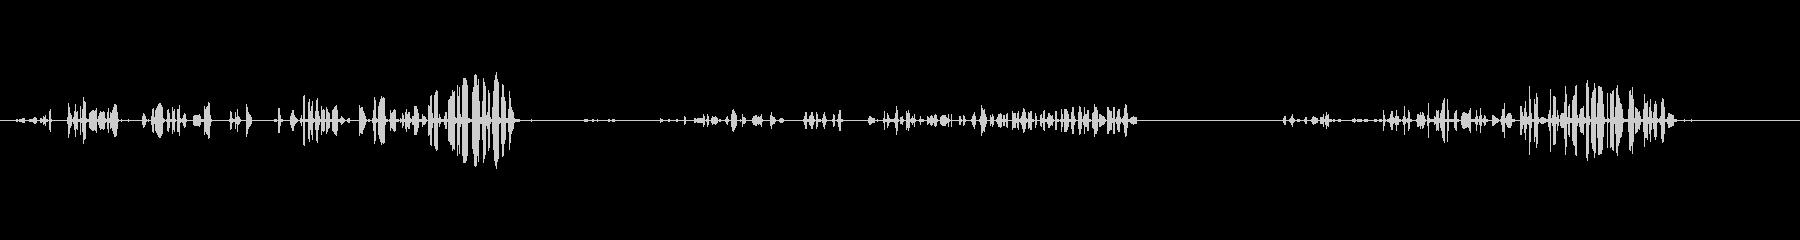 襟付きザンブル-ストレプトペリアデ...の未再生の波形